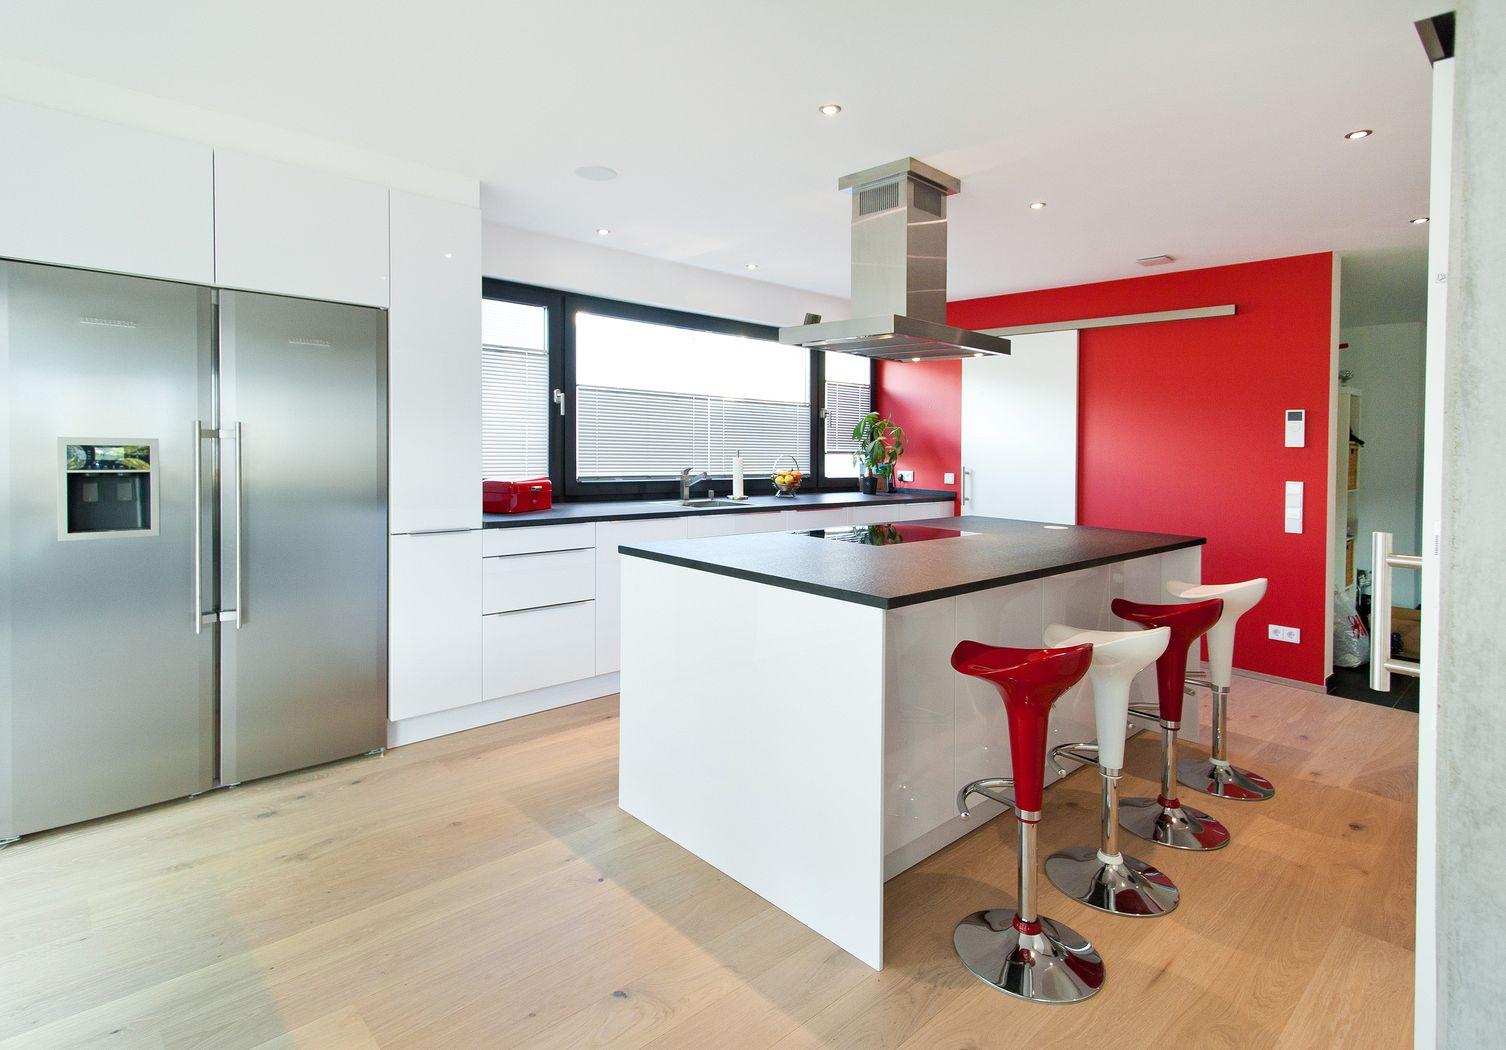 Nett Küchenschränke Griffe Billig Zeitgenössisch - Ideen Für Die ...